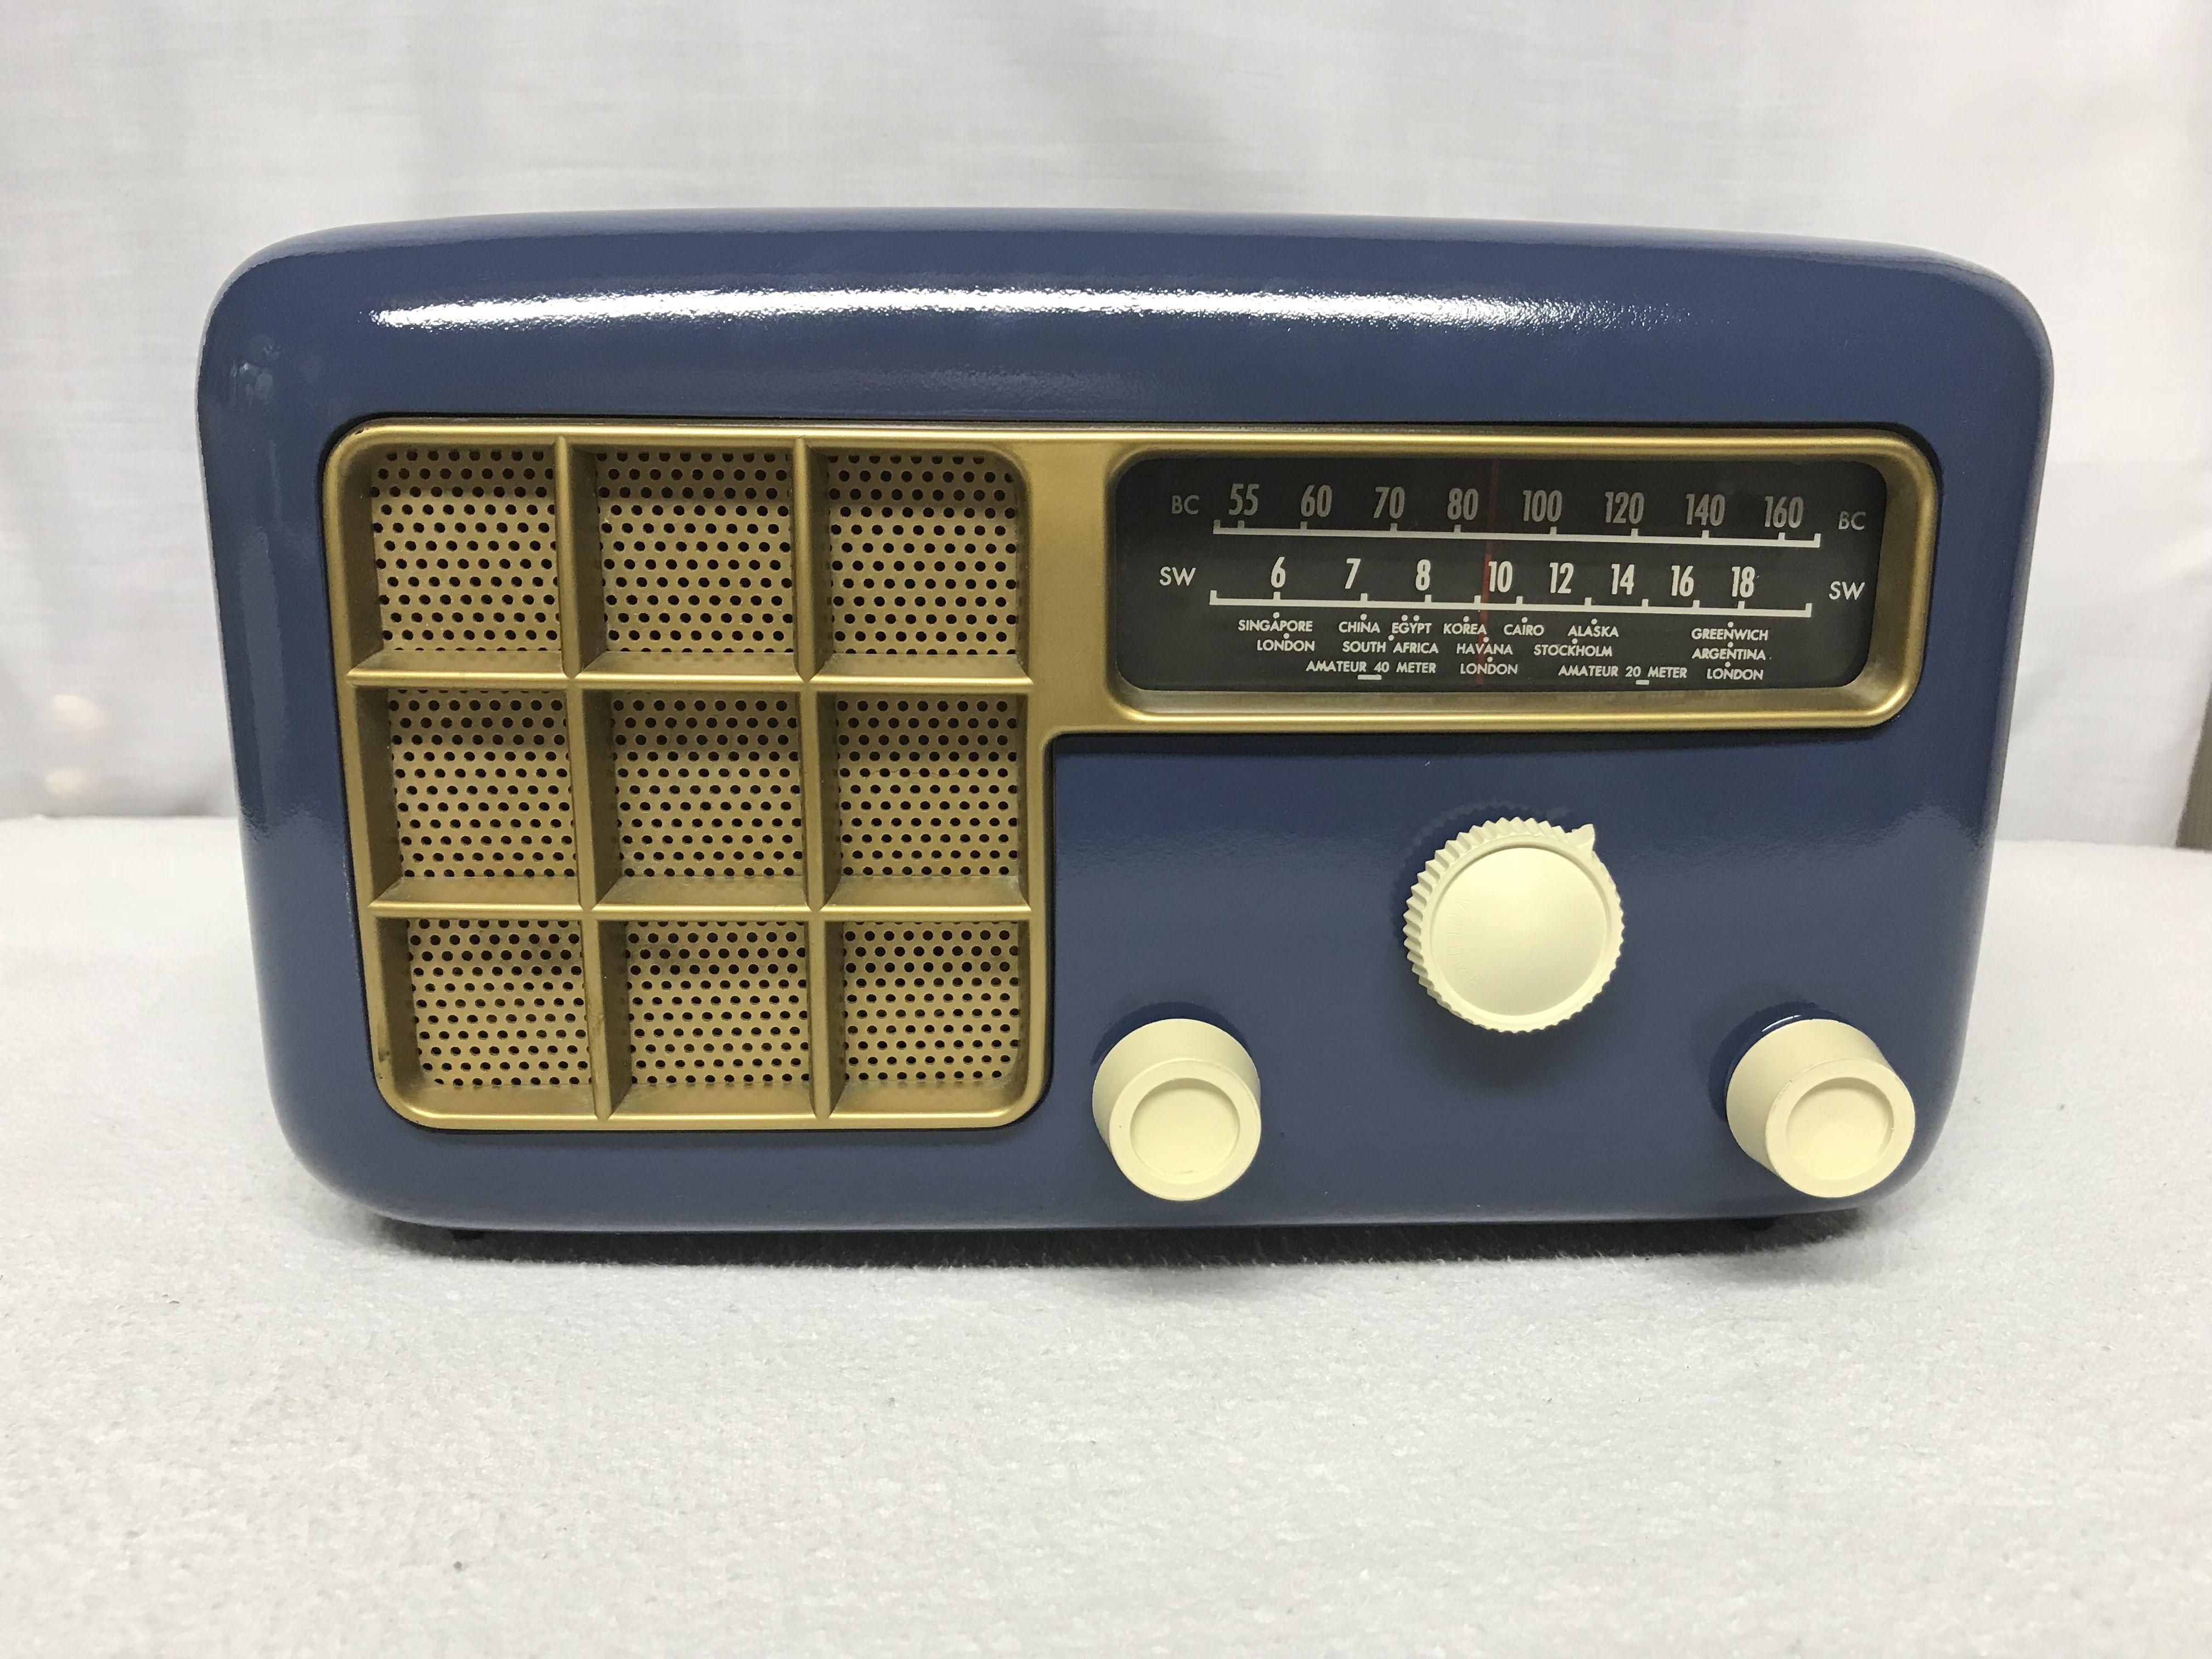 The Retro Radio Shop Buy Retro Vintage Antique Tube Radios Vintage Radio Retro Radios Antique Radio